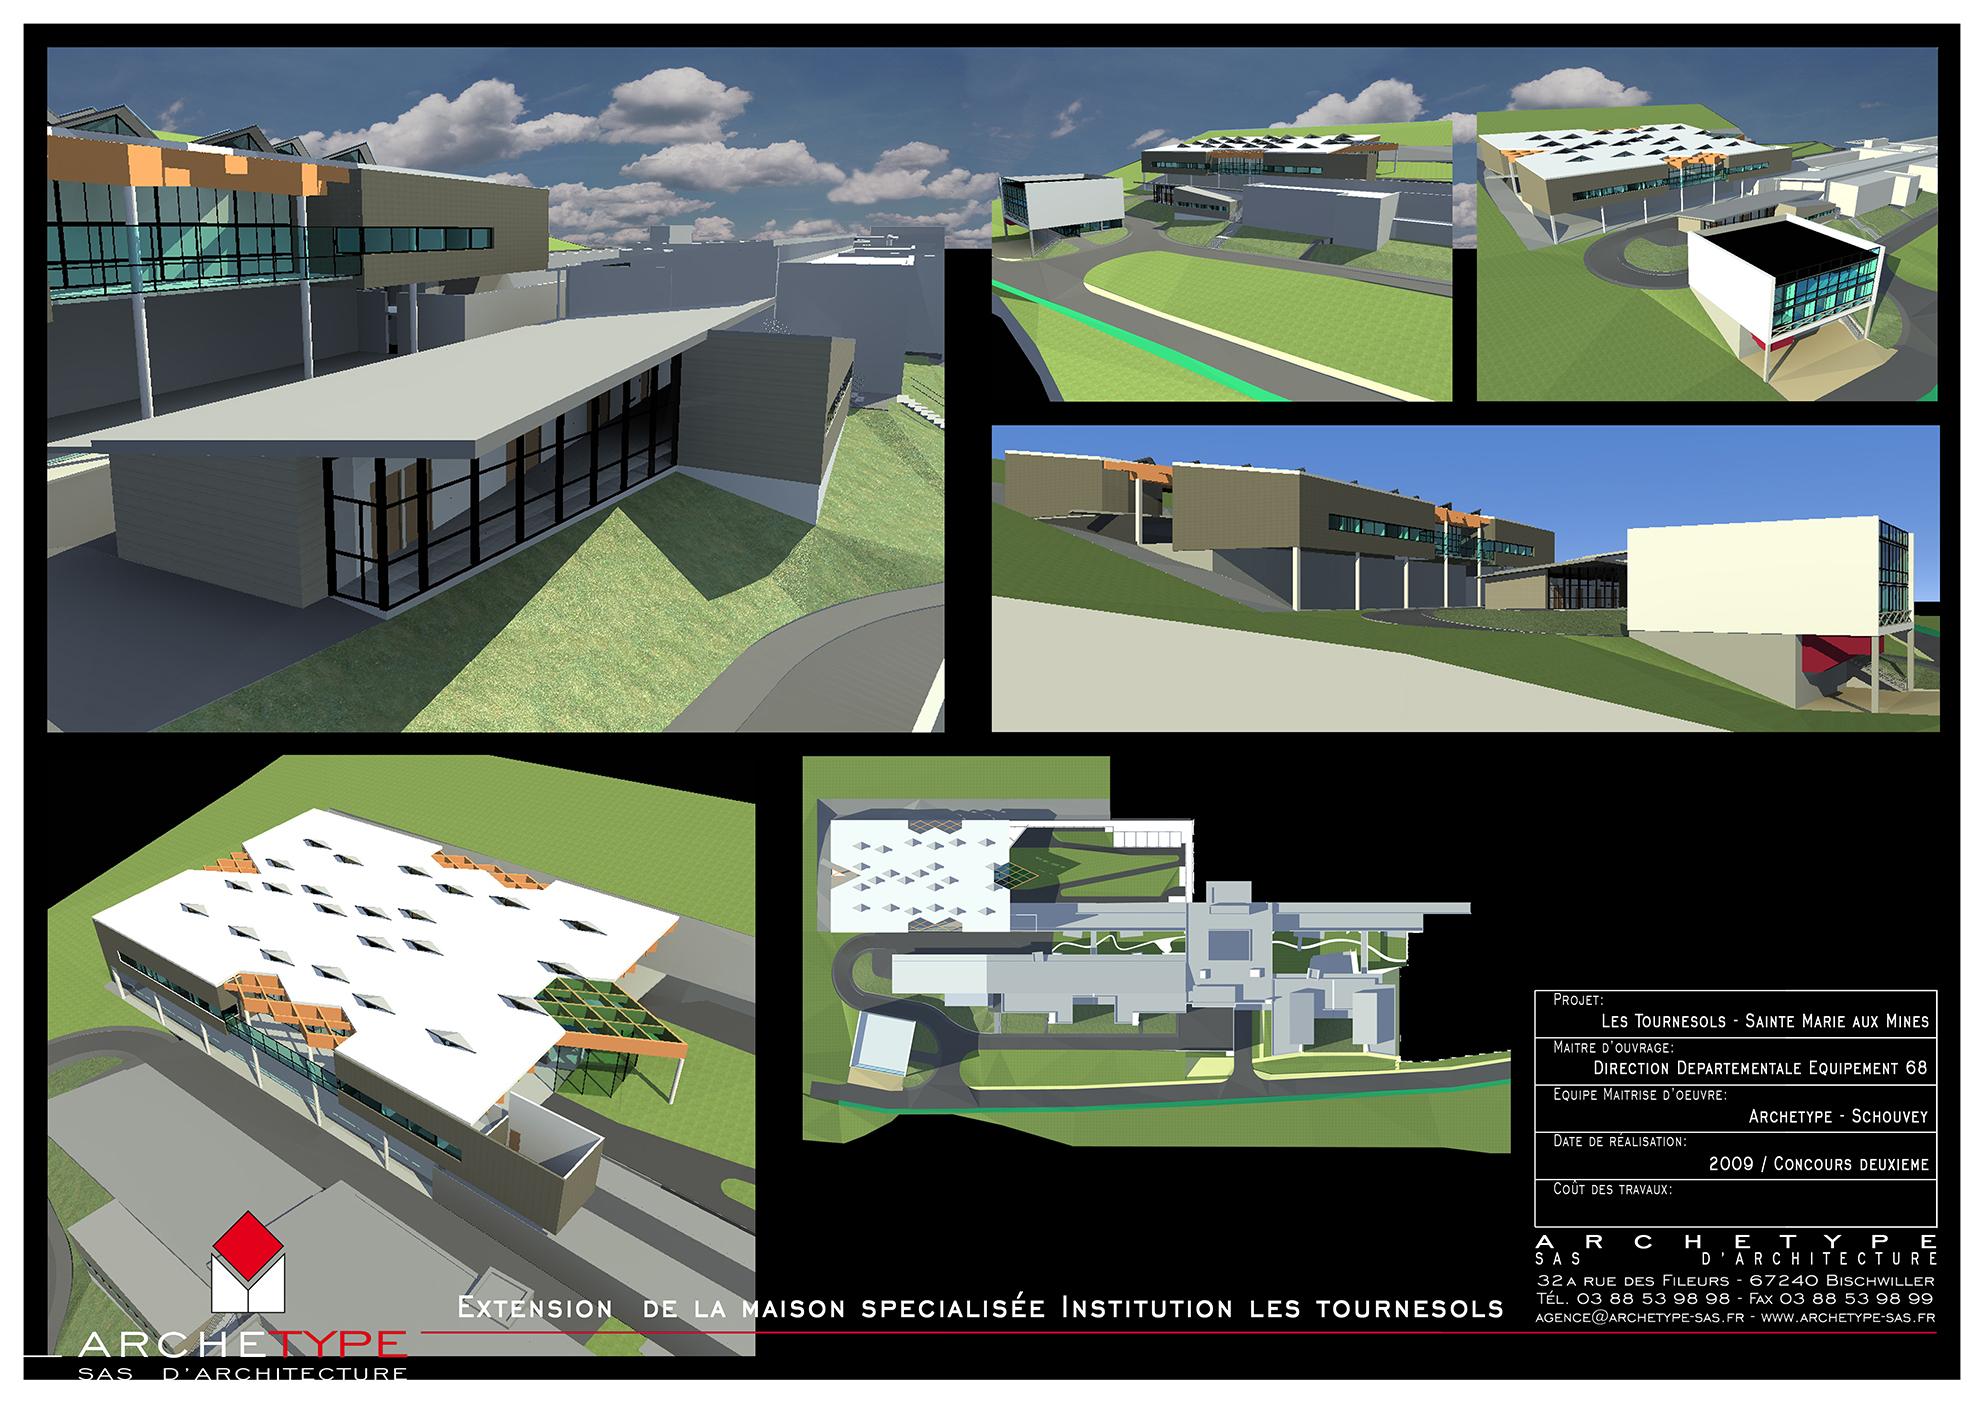 Extension Maison Spécialisée - Sainte-Marie aux Mines